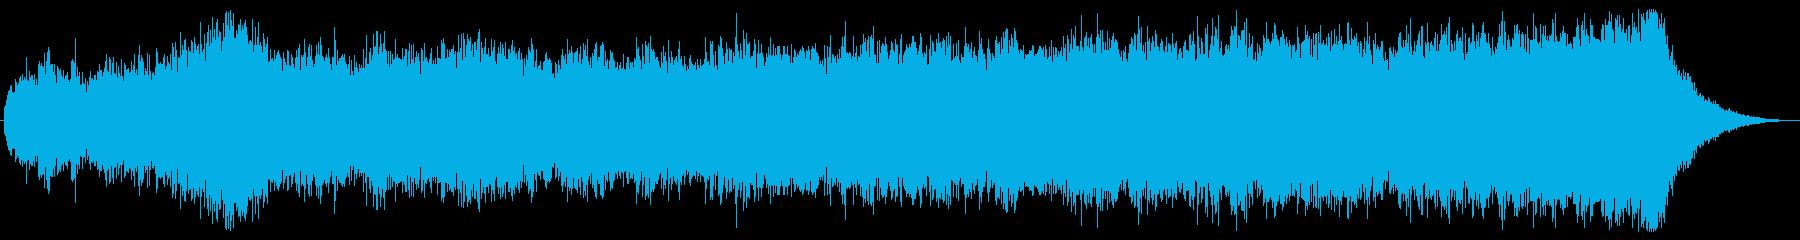 「夜間侵入」の代替キューの再生済みの波形